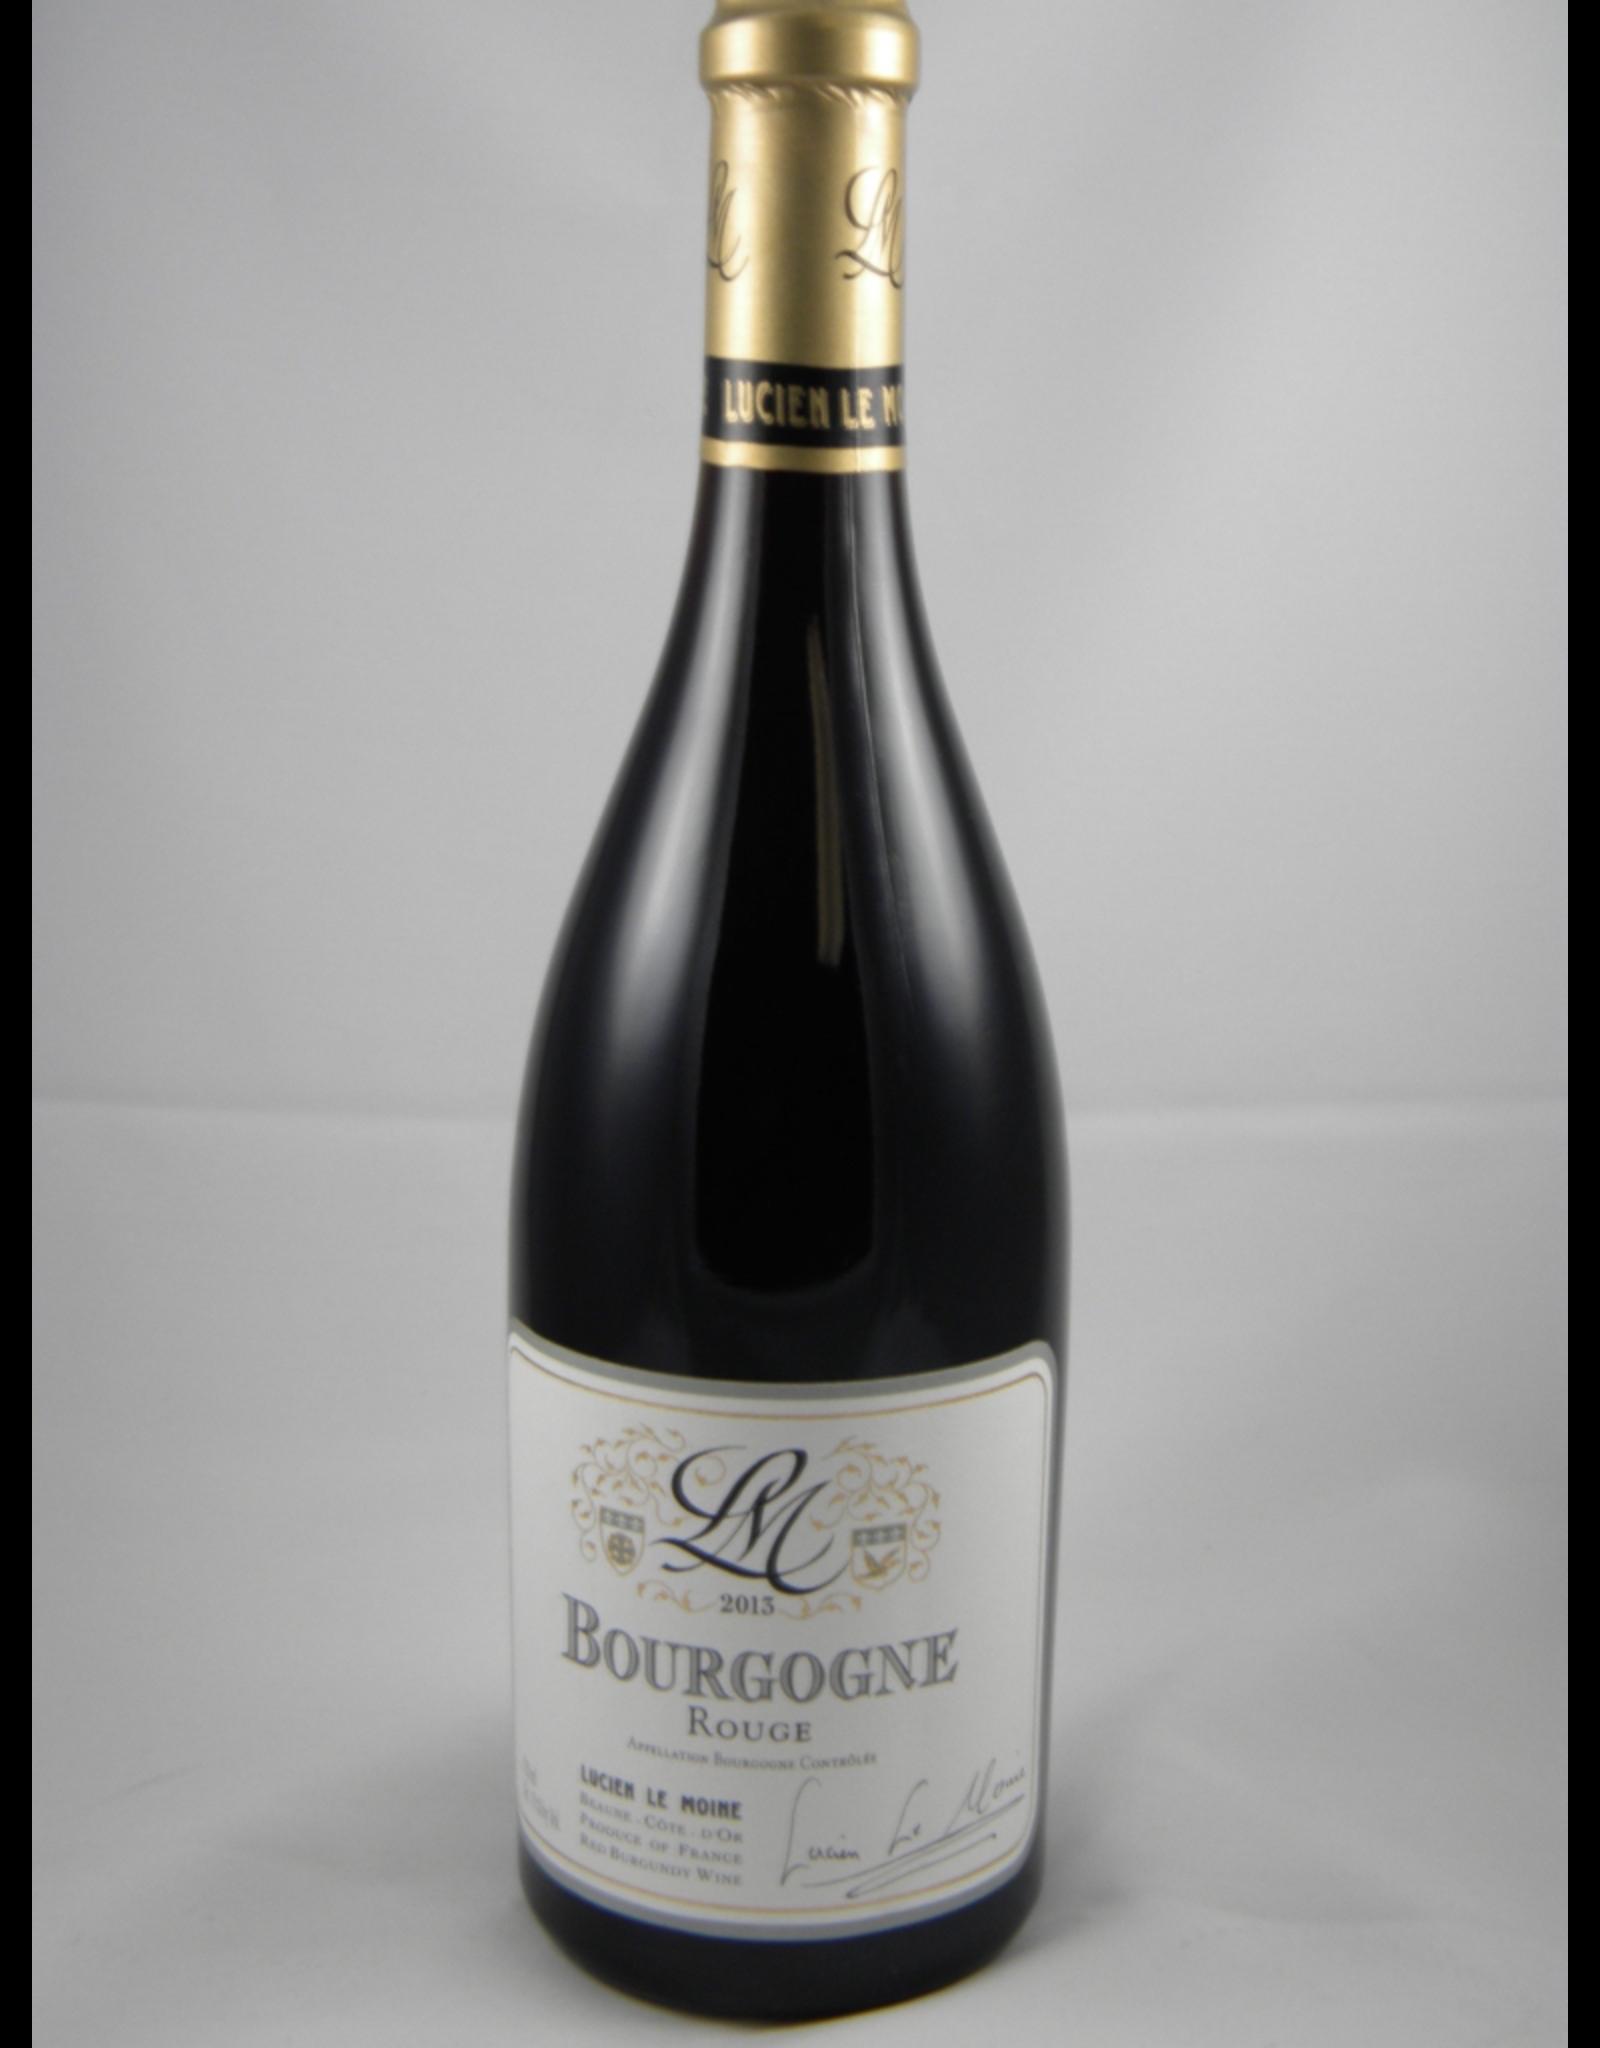 Le Moine Lucien Le Moine Bourgogne Rouge 2017